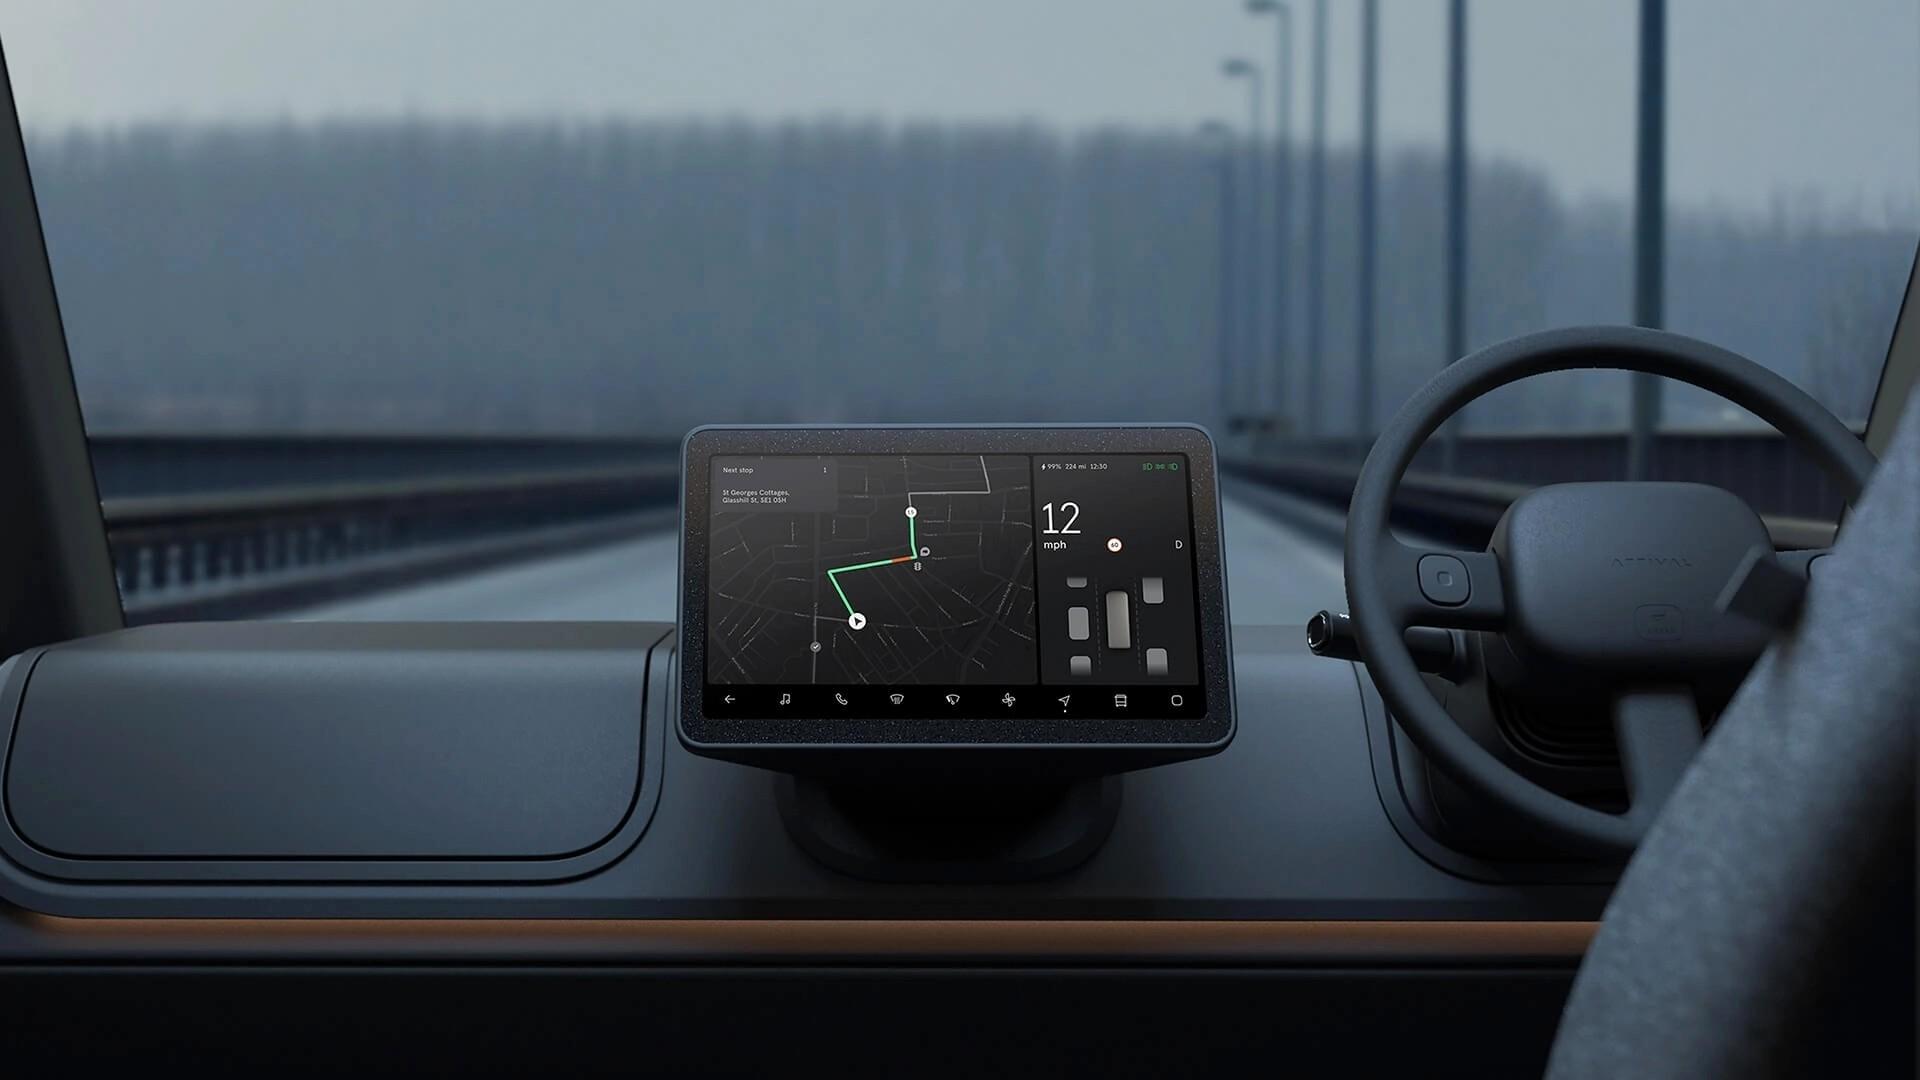 «Буханки» не будет: Arrival изменил дизайн своего электрического фургона авто,авто и мото,автосалон,водителю на заметку,машины,новости автомира,Россия,тюнинг